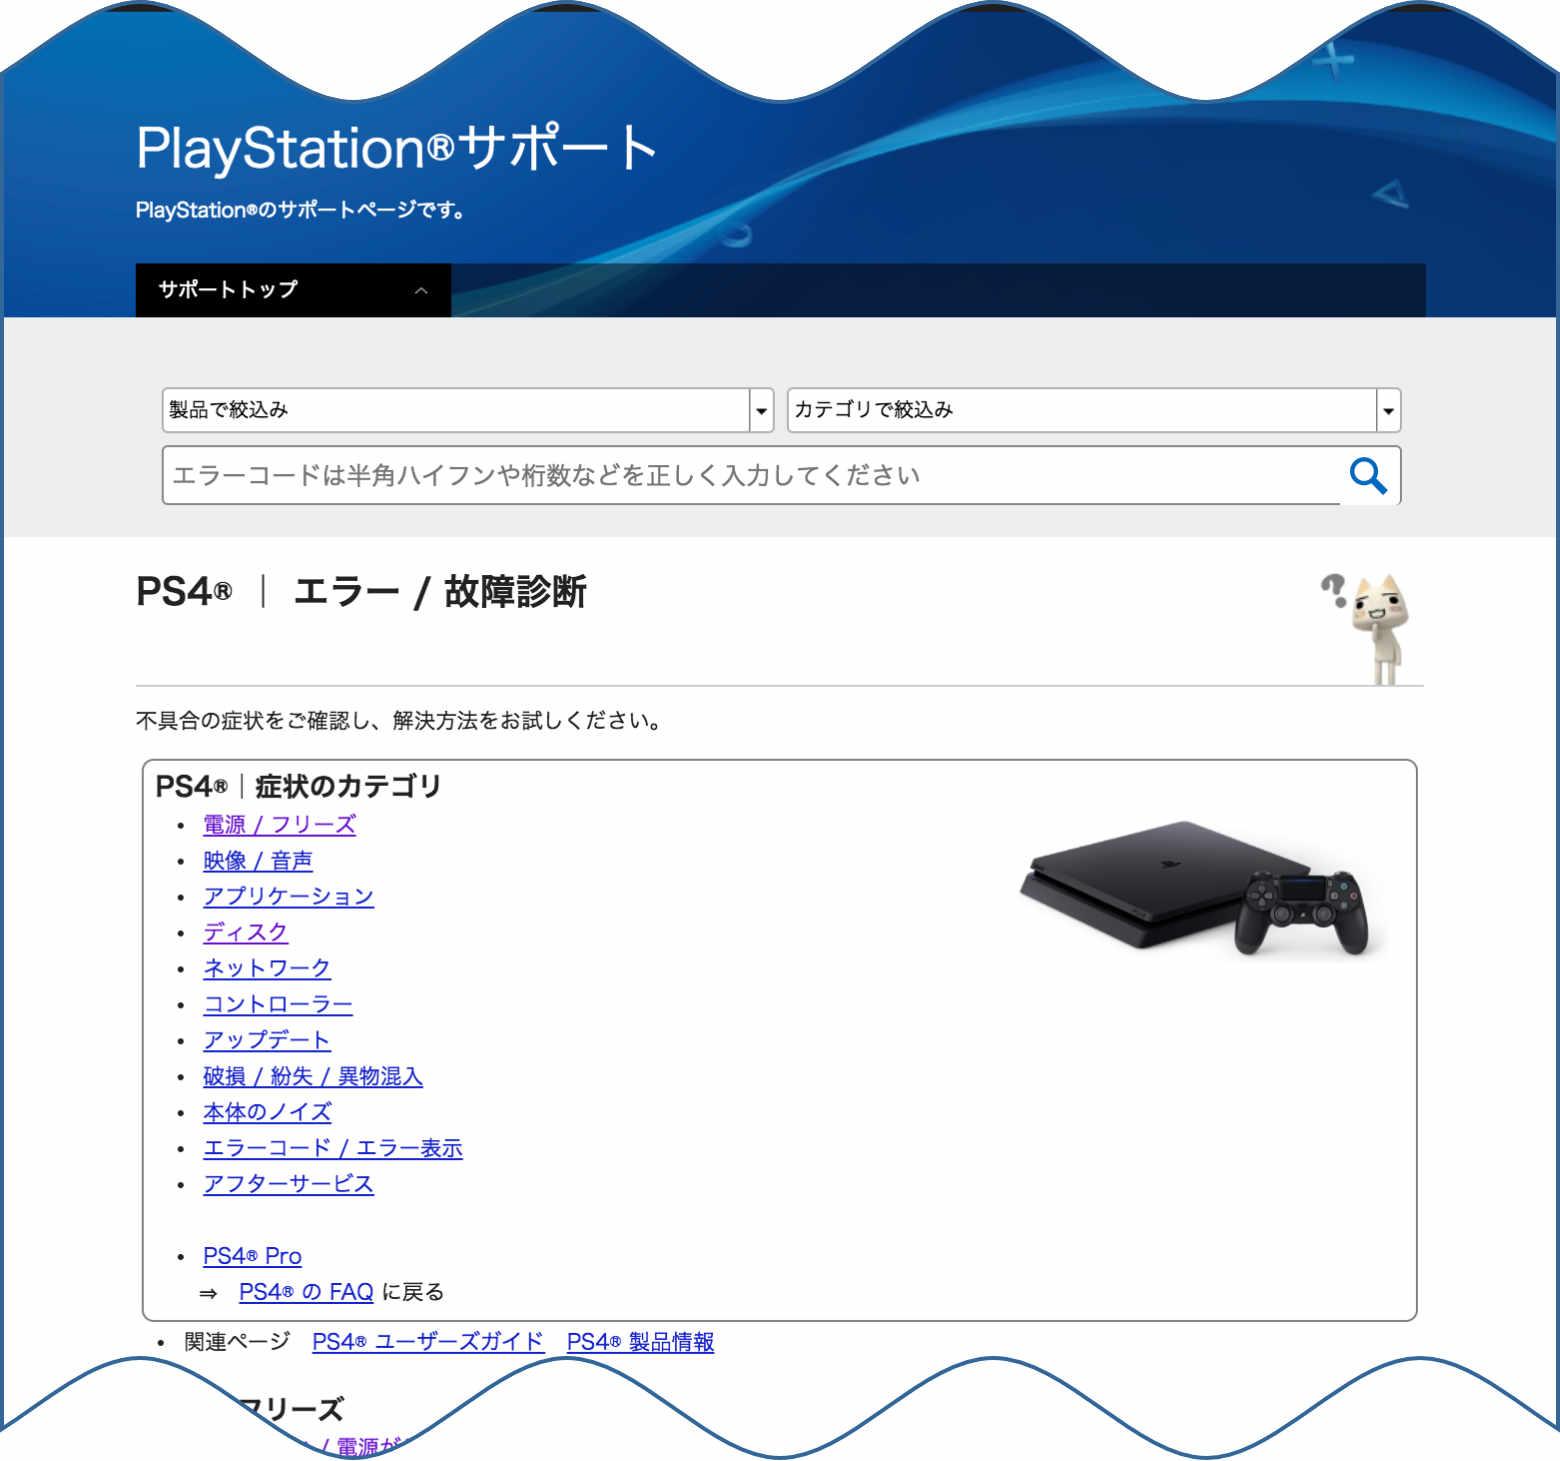 PS4|エラー/故障診断